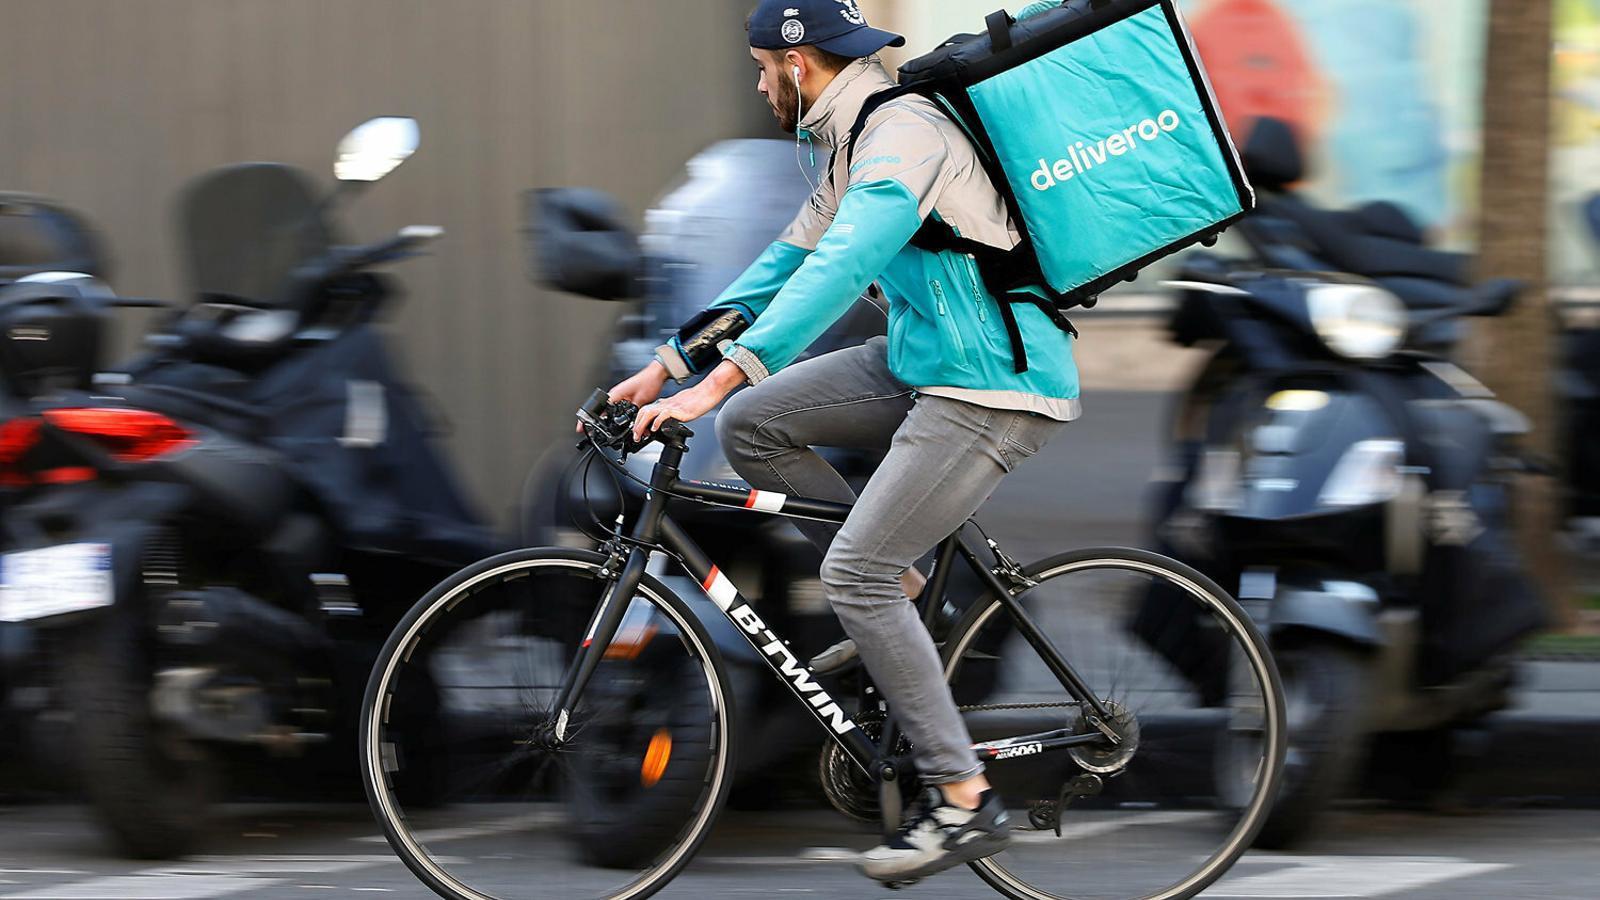 La UGT denuncia que Glovo i Deliveroo s'estalvien 168 milions anuals en sous i cotitzacions dels 'riders'